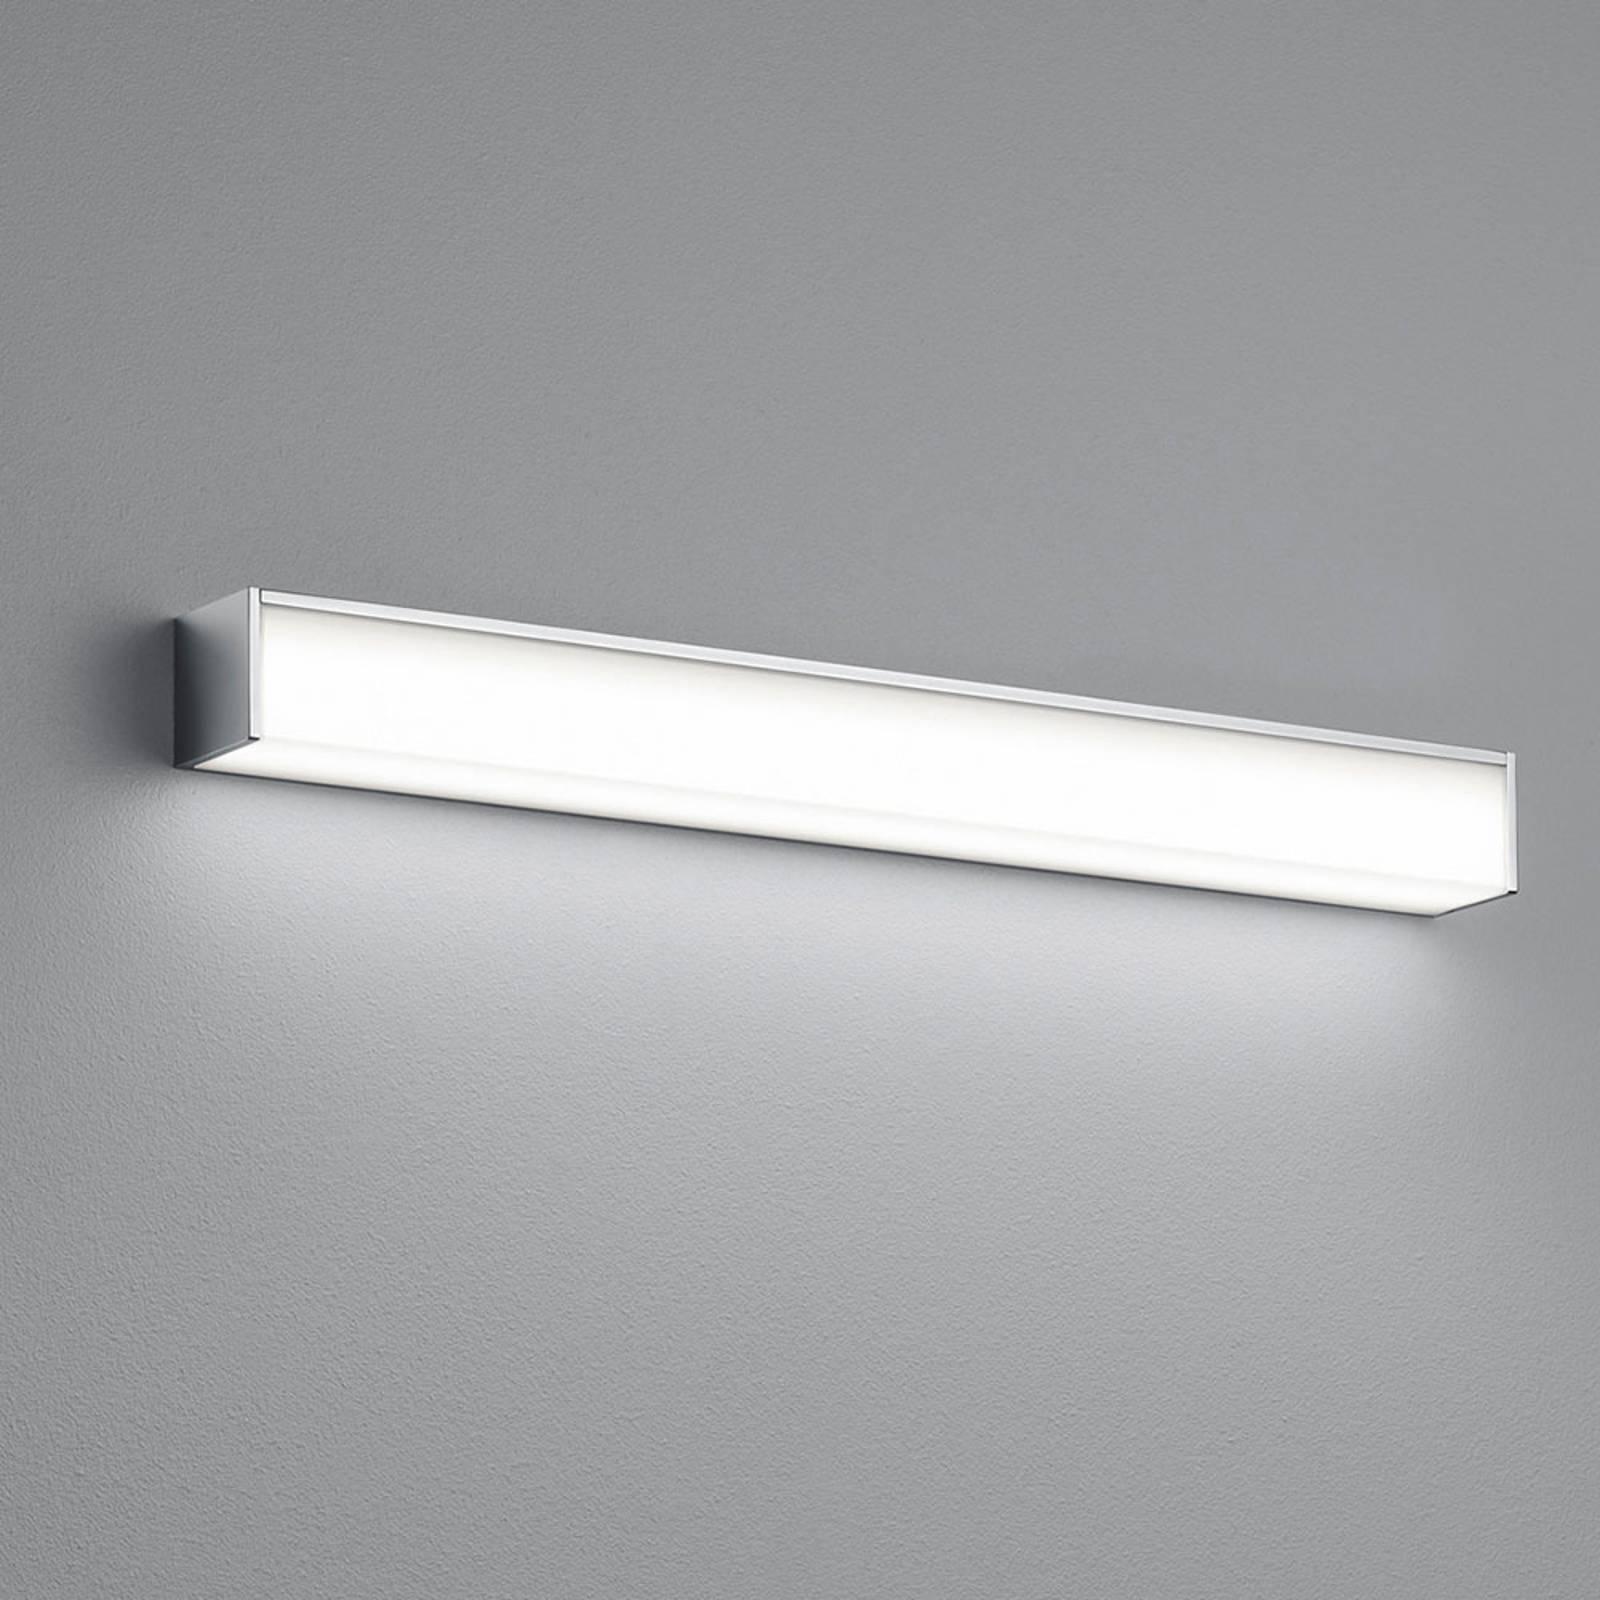 Helestra Nok LED da specchio 60 cm